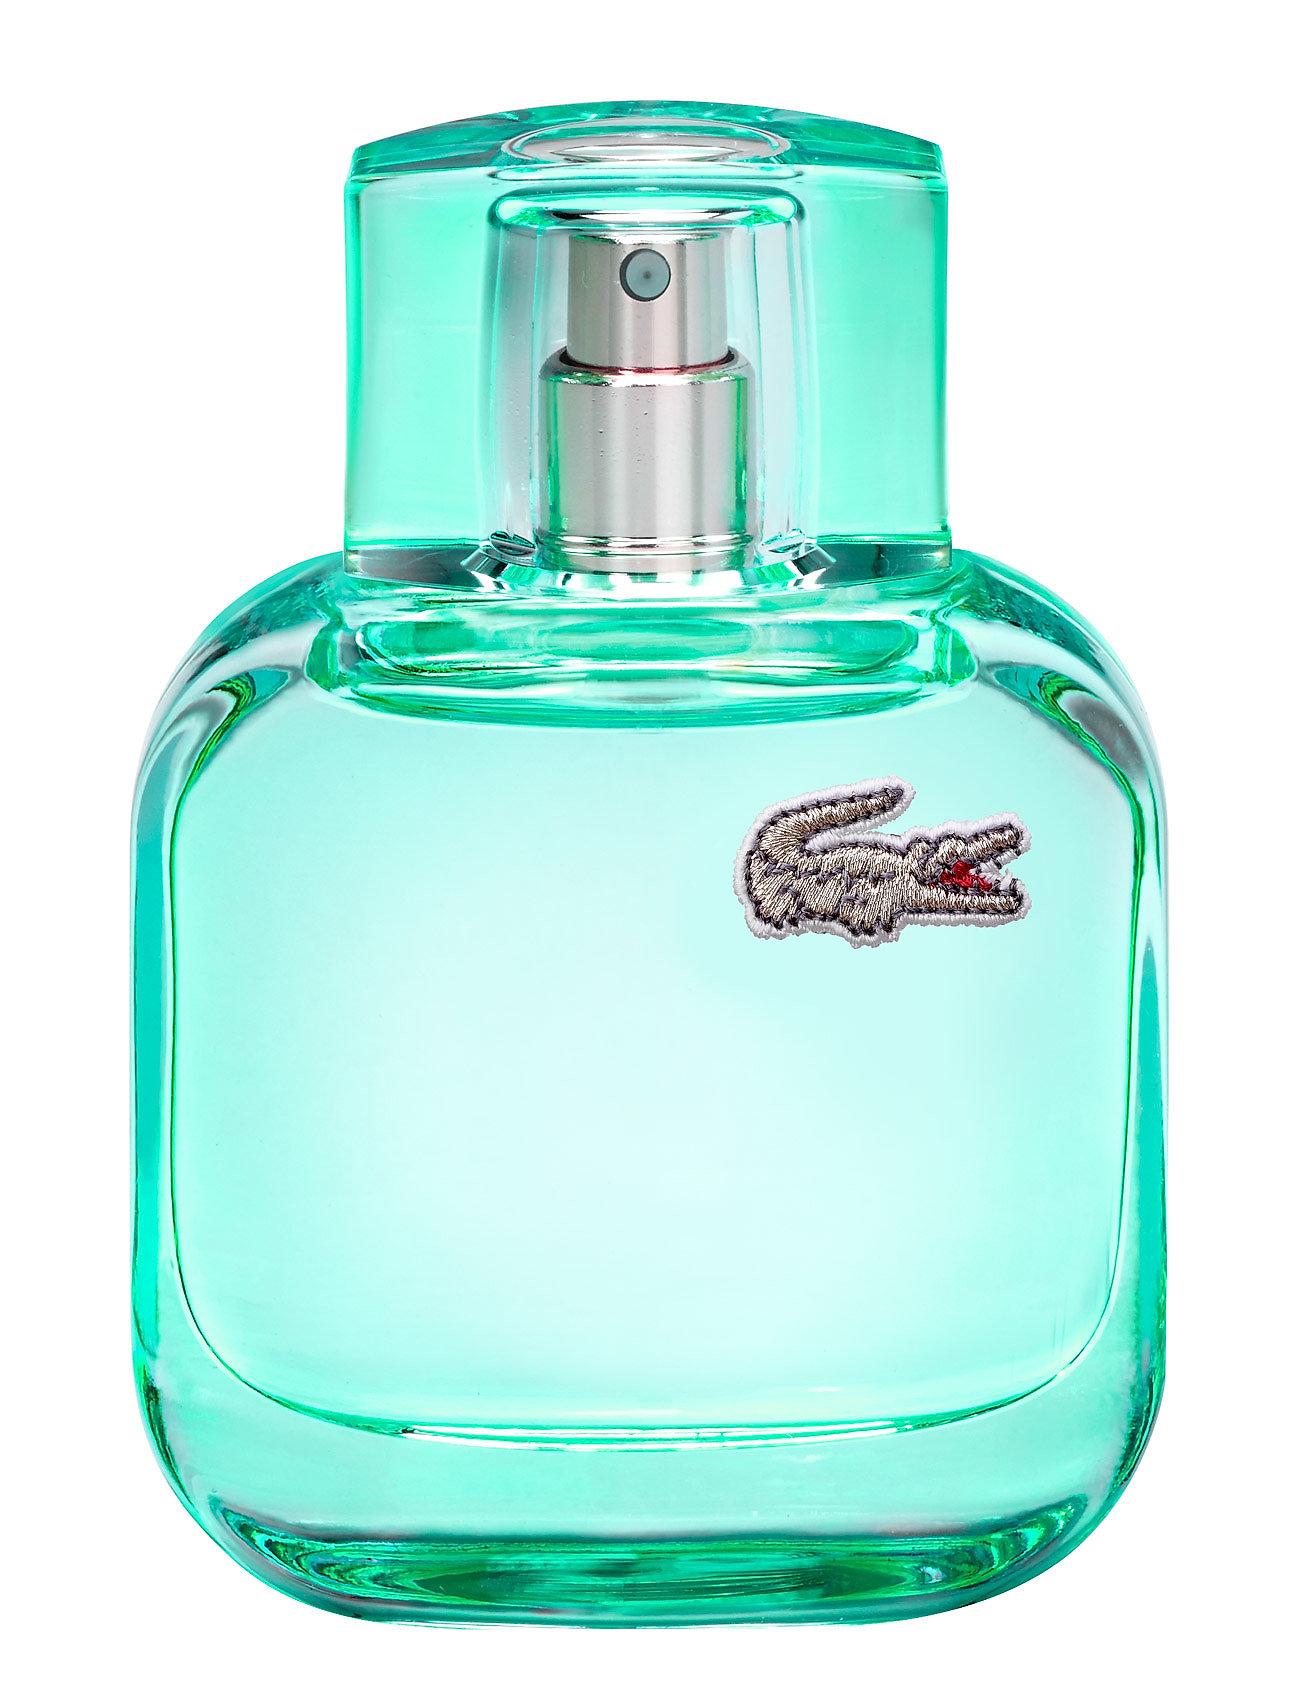 Lacoste Fragrance L.12.12 NATURAL PF EAU DE TOILETTE